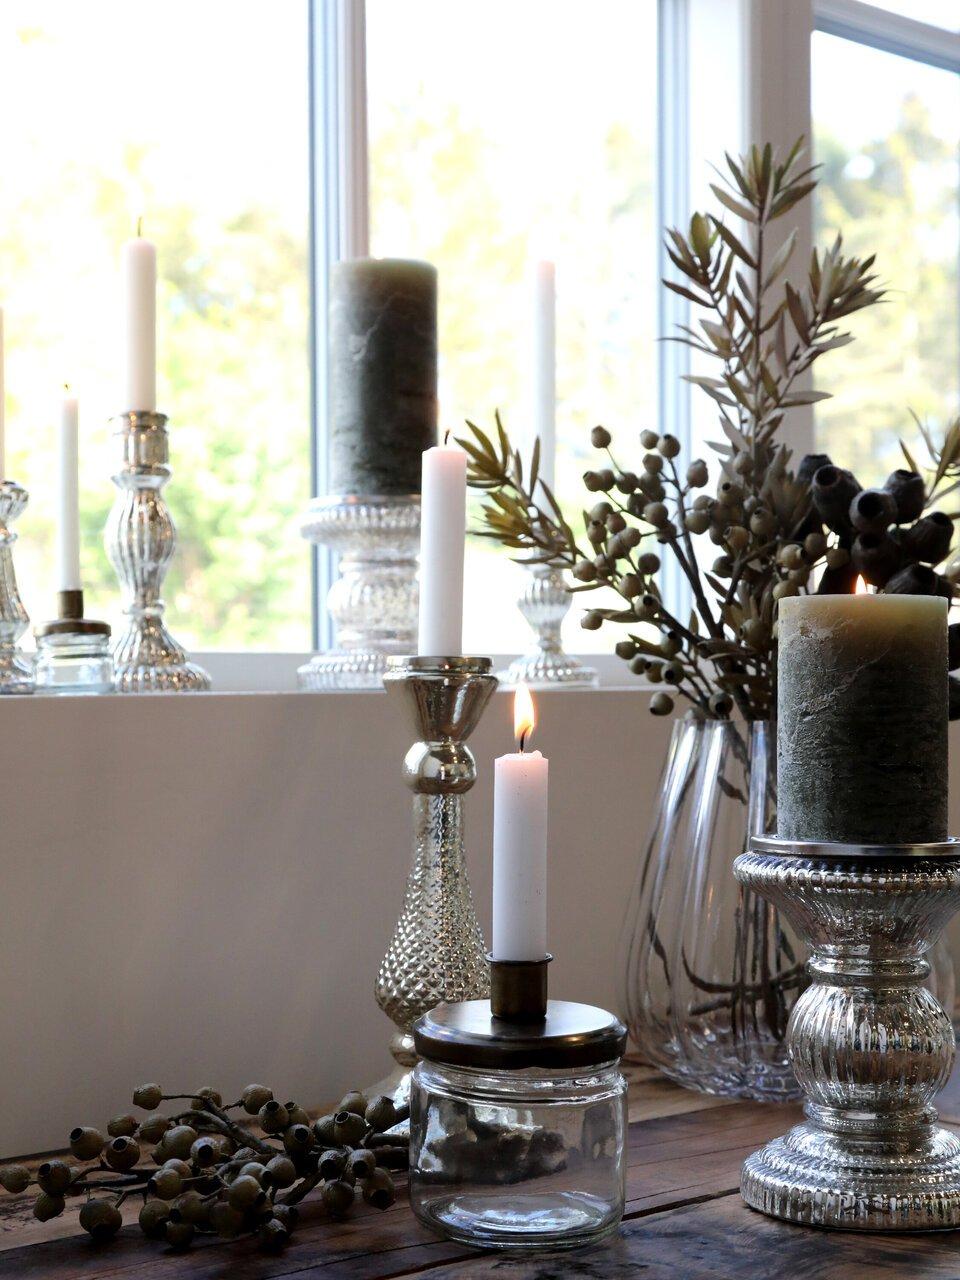 Kerzenpracht von Chic Antique